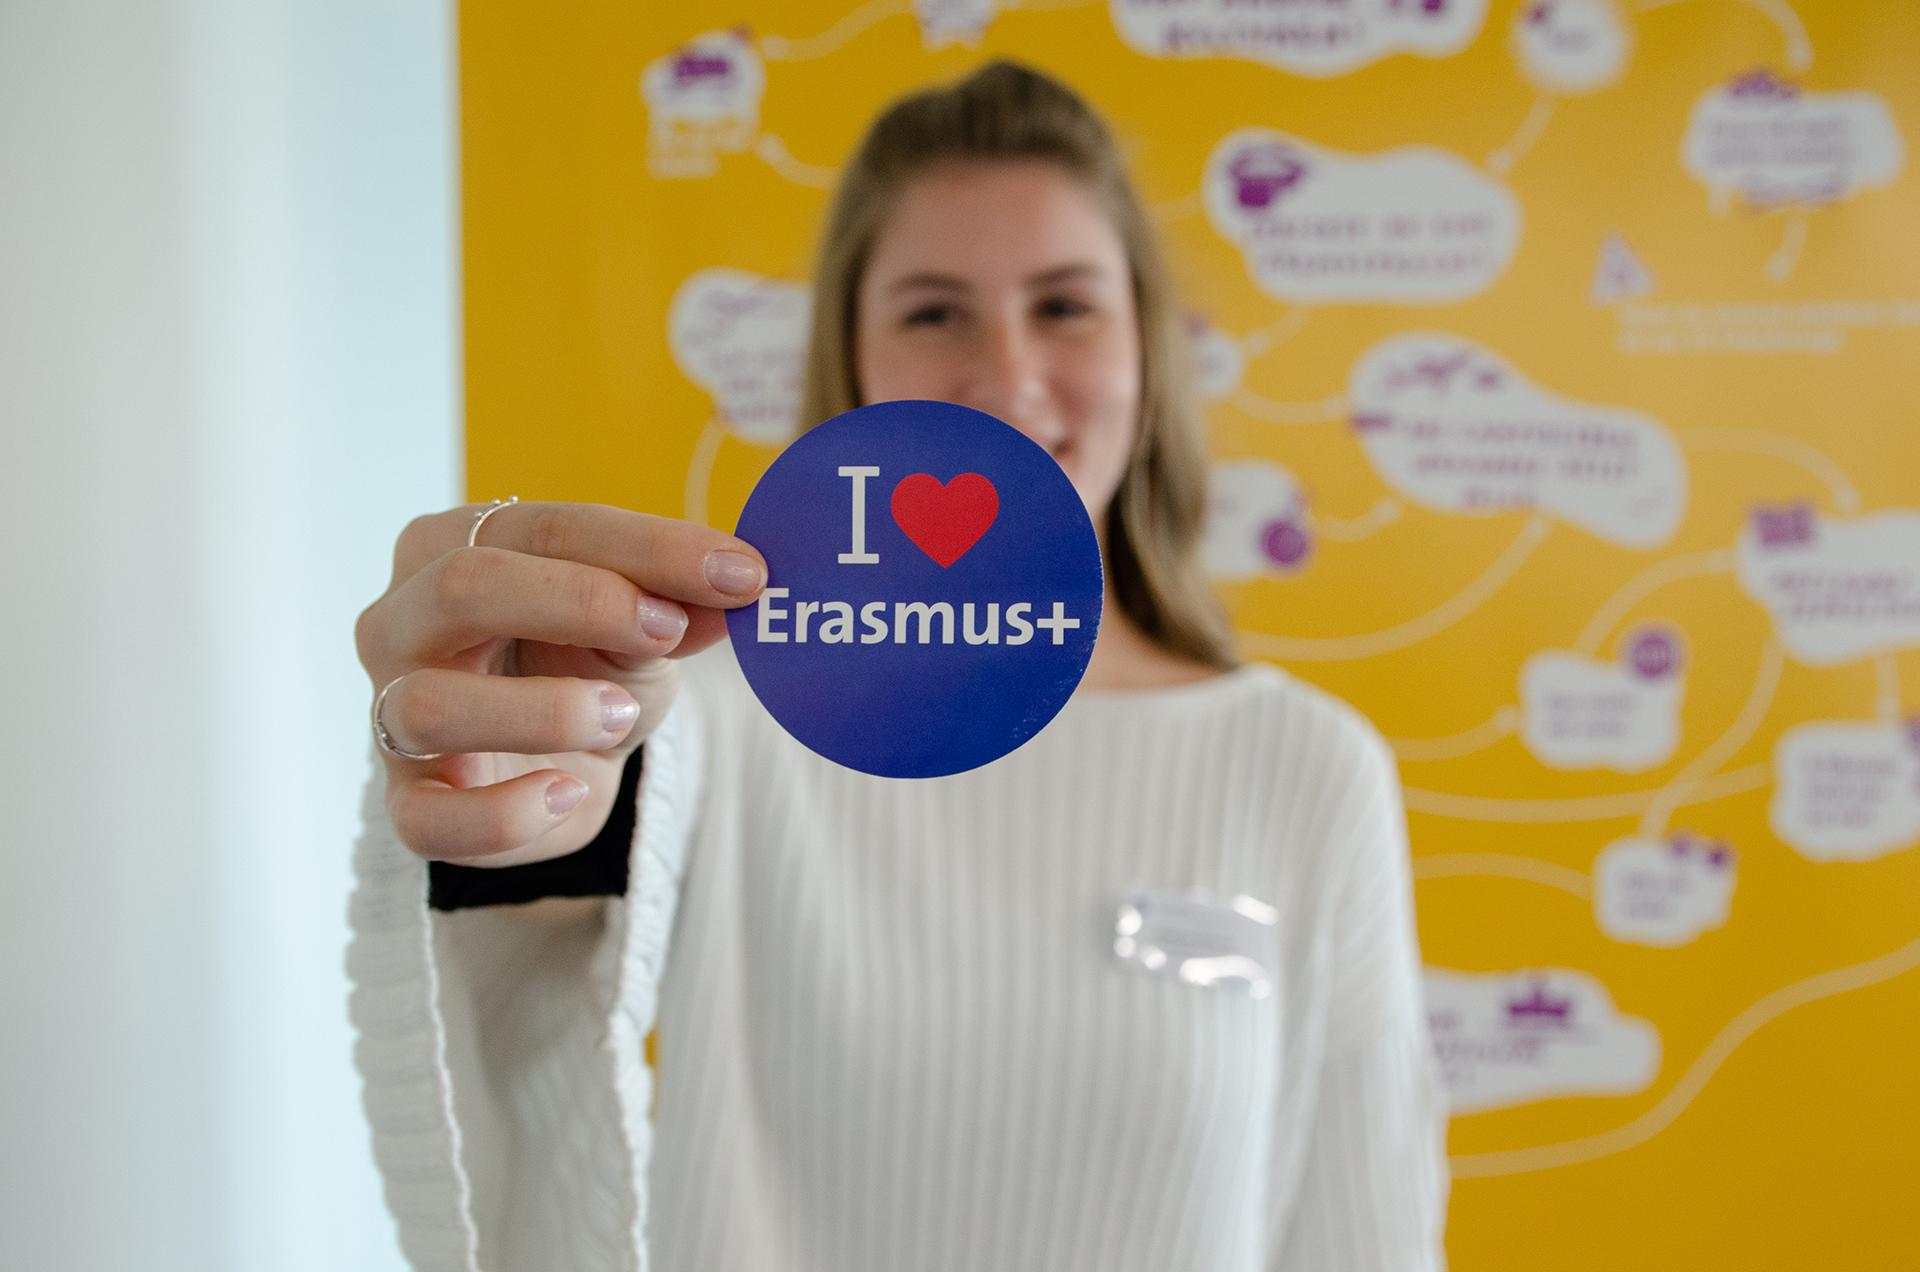 Sticker Erasmus+